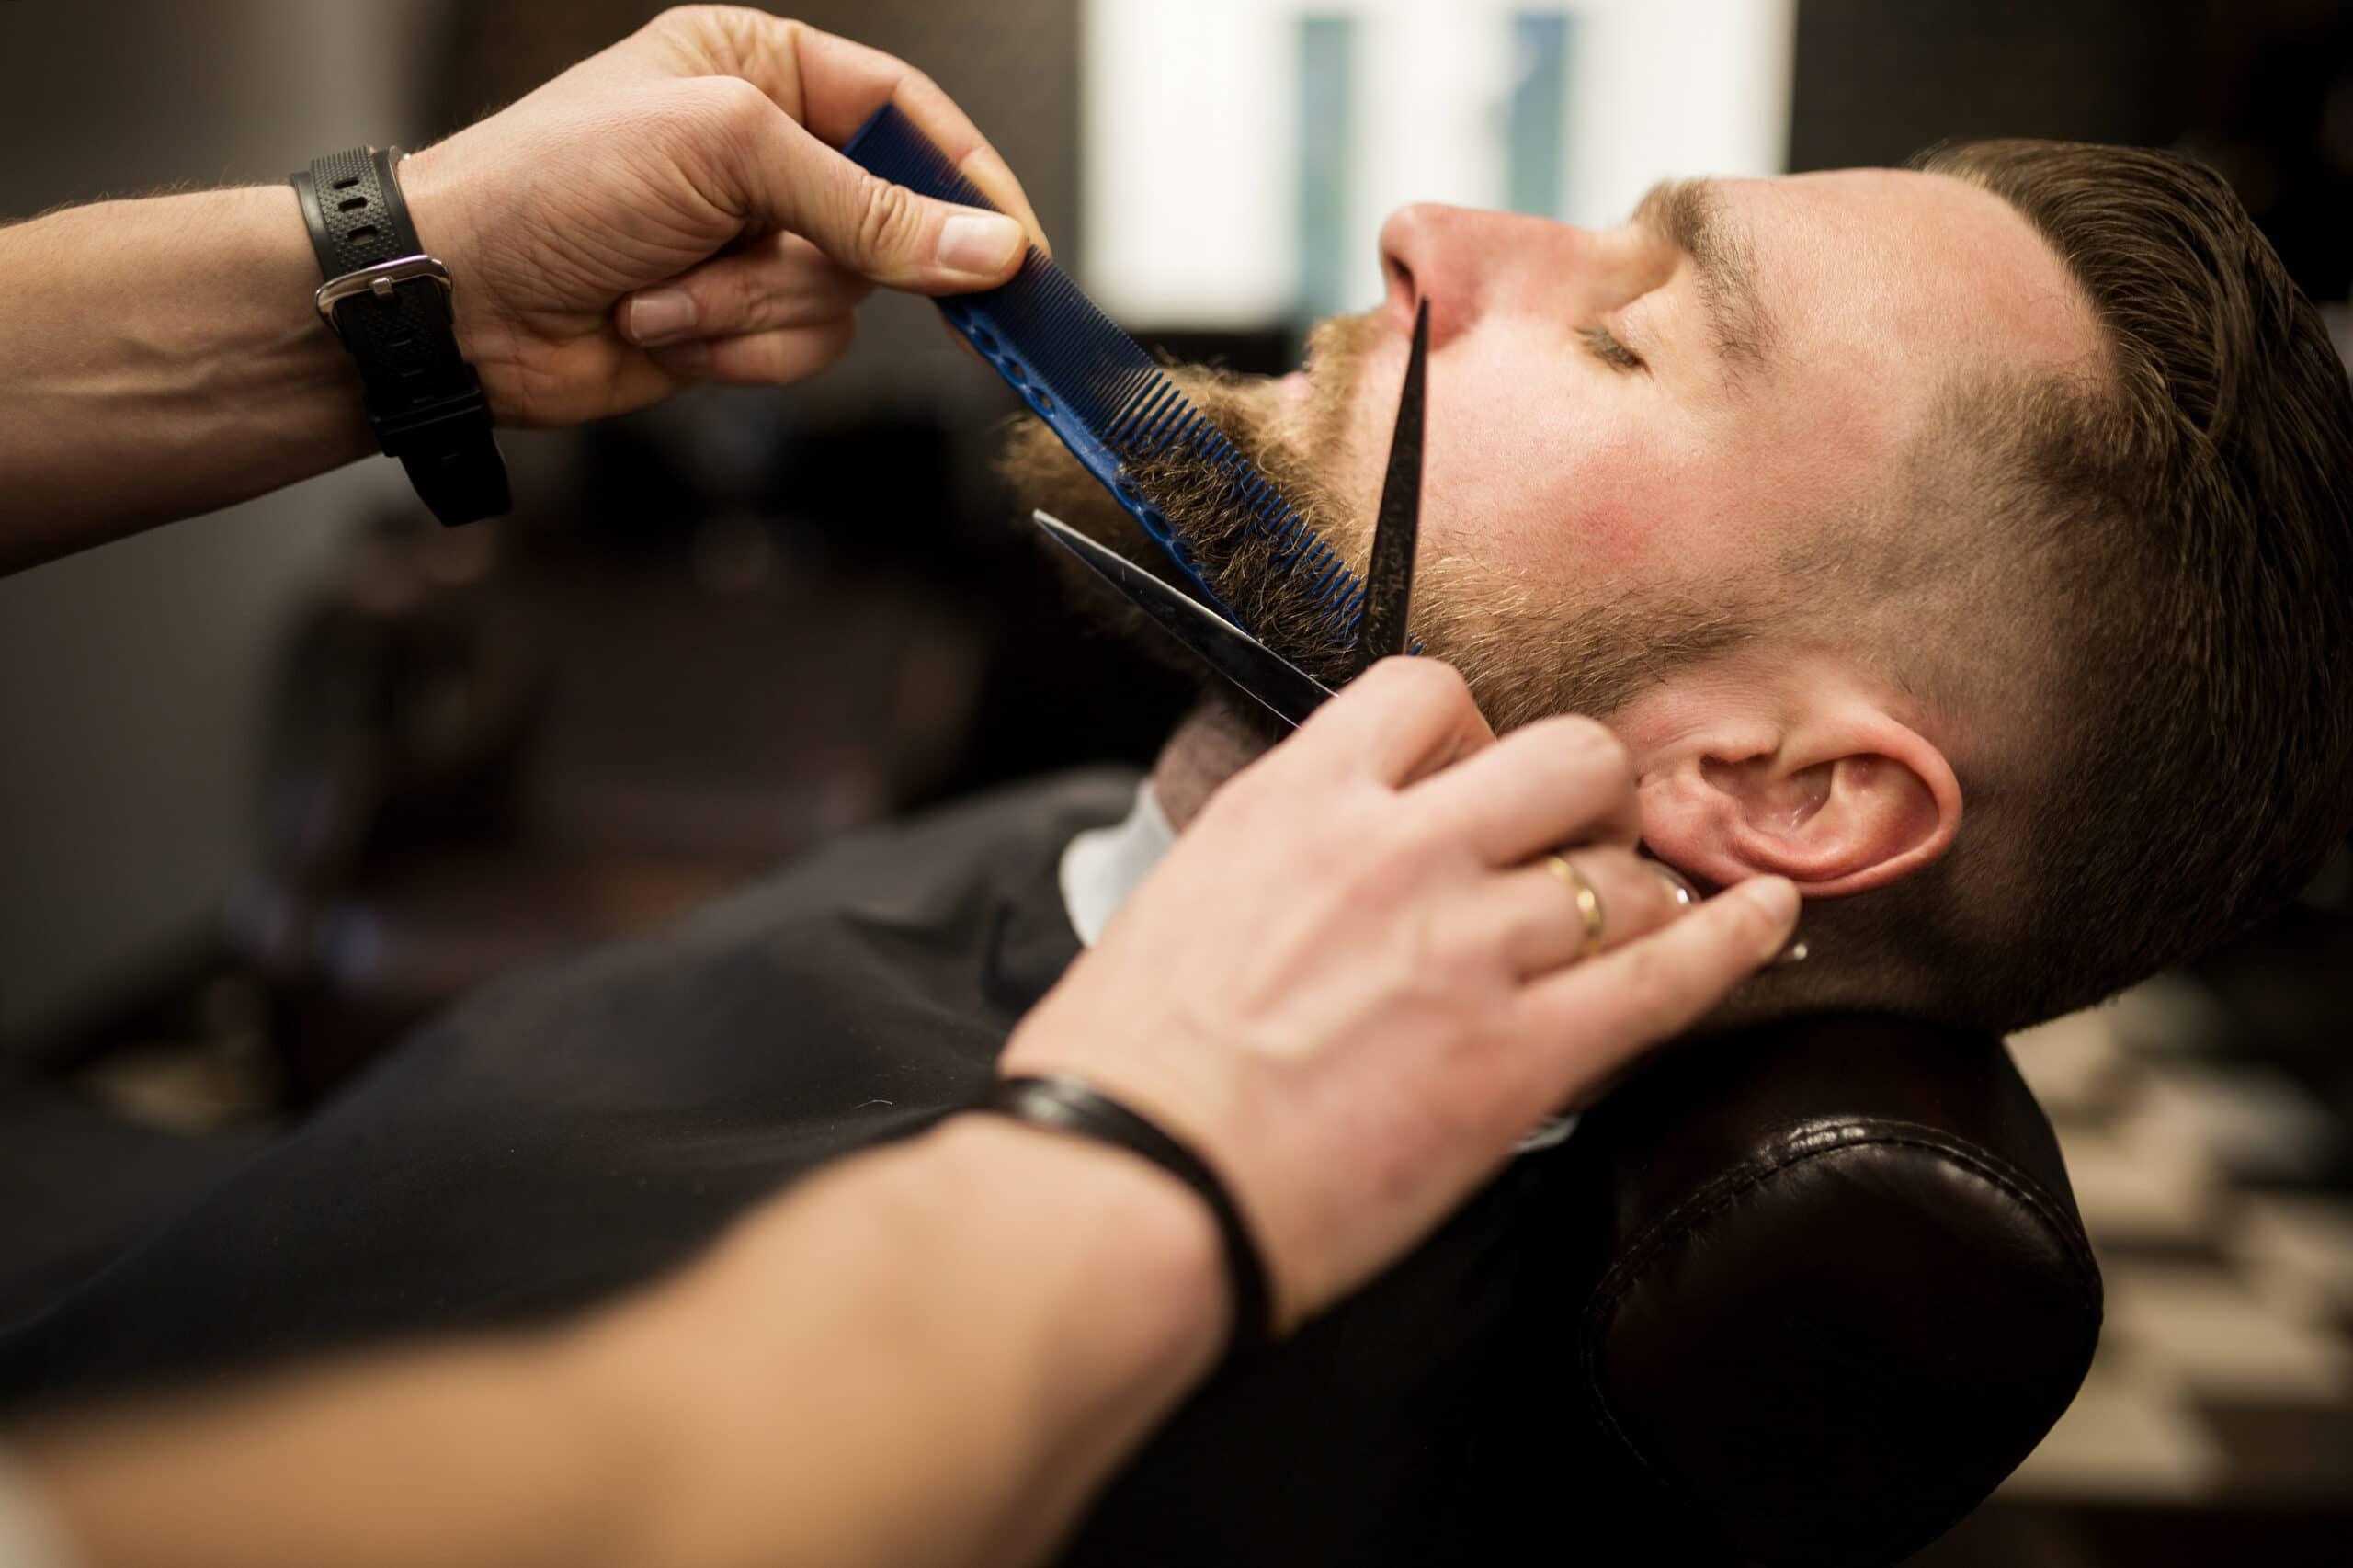 Yrittäjän ensimmäiset asiakkaat. Parturi trimmaa asiakkaan partaa.